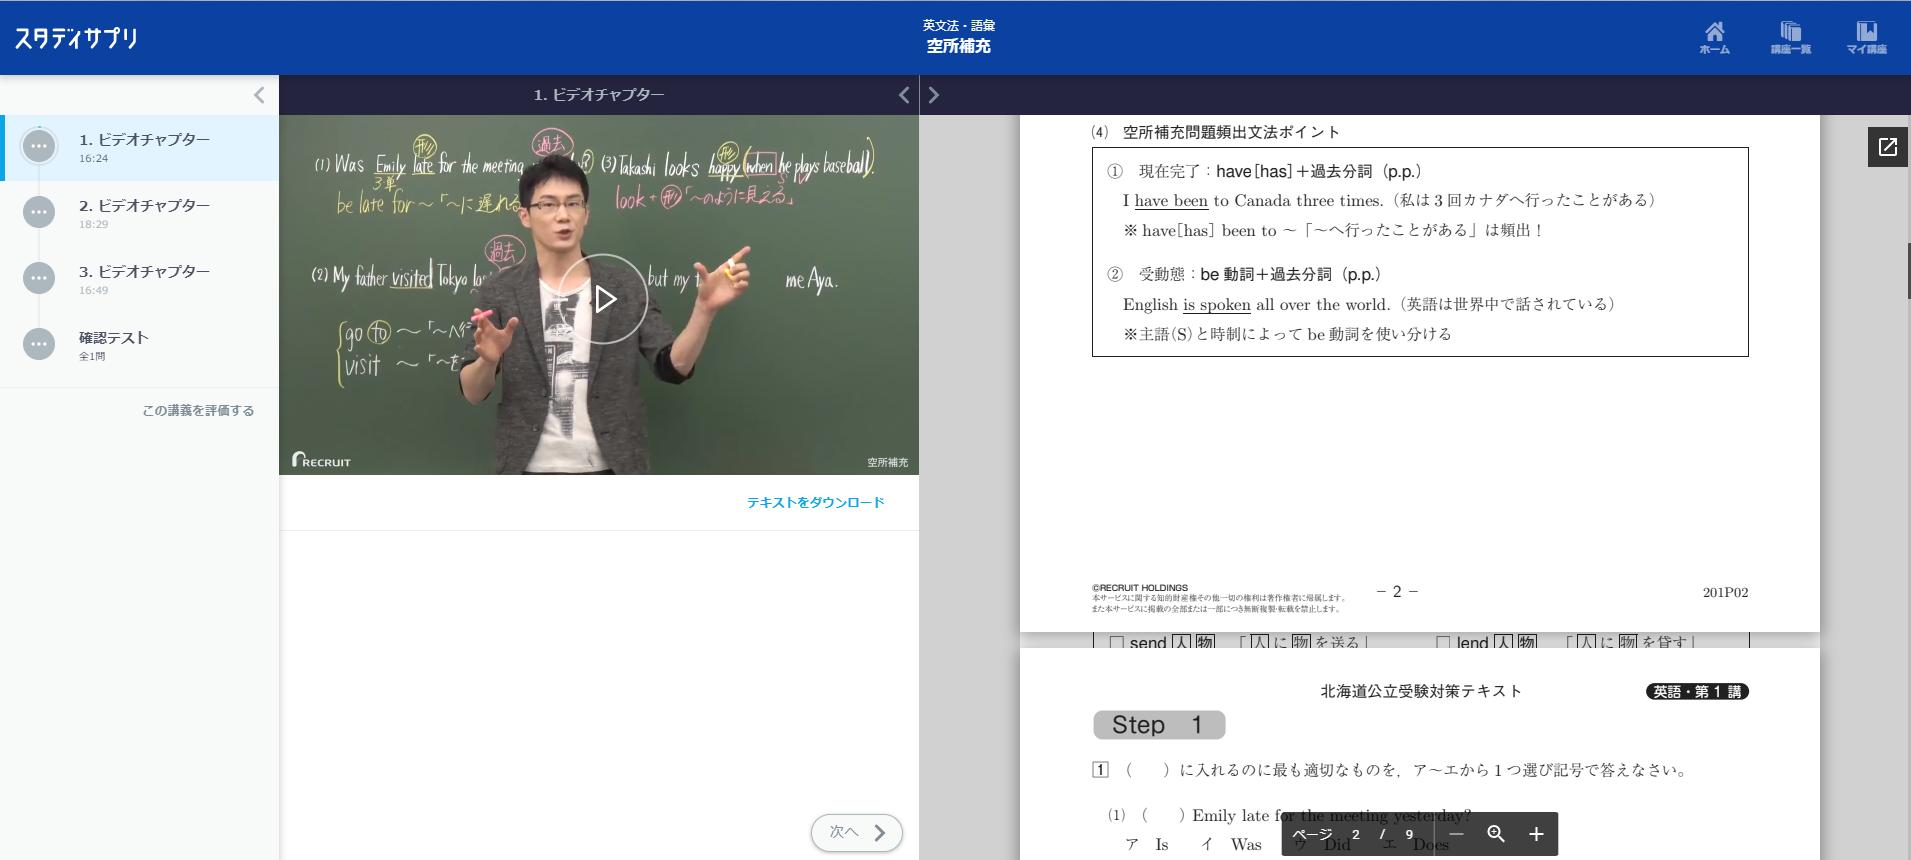 高校受験講座英語より空所補充の解説動画